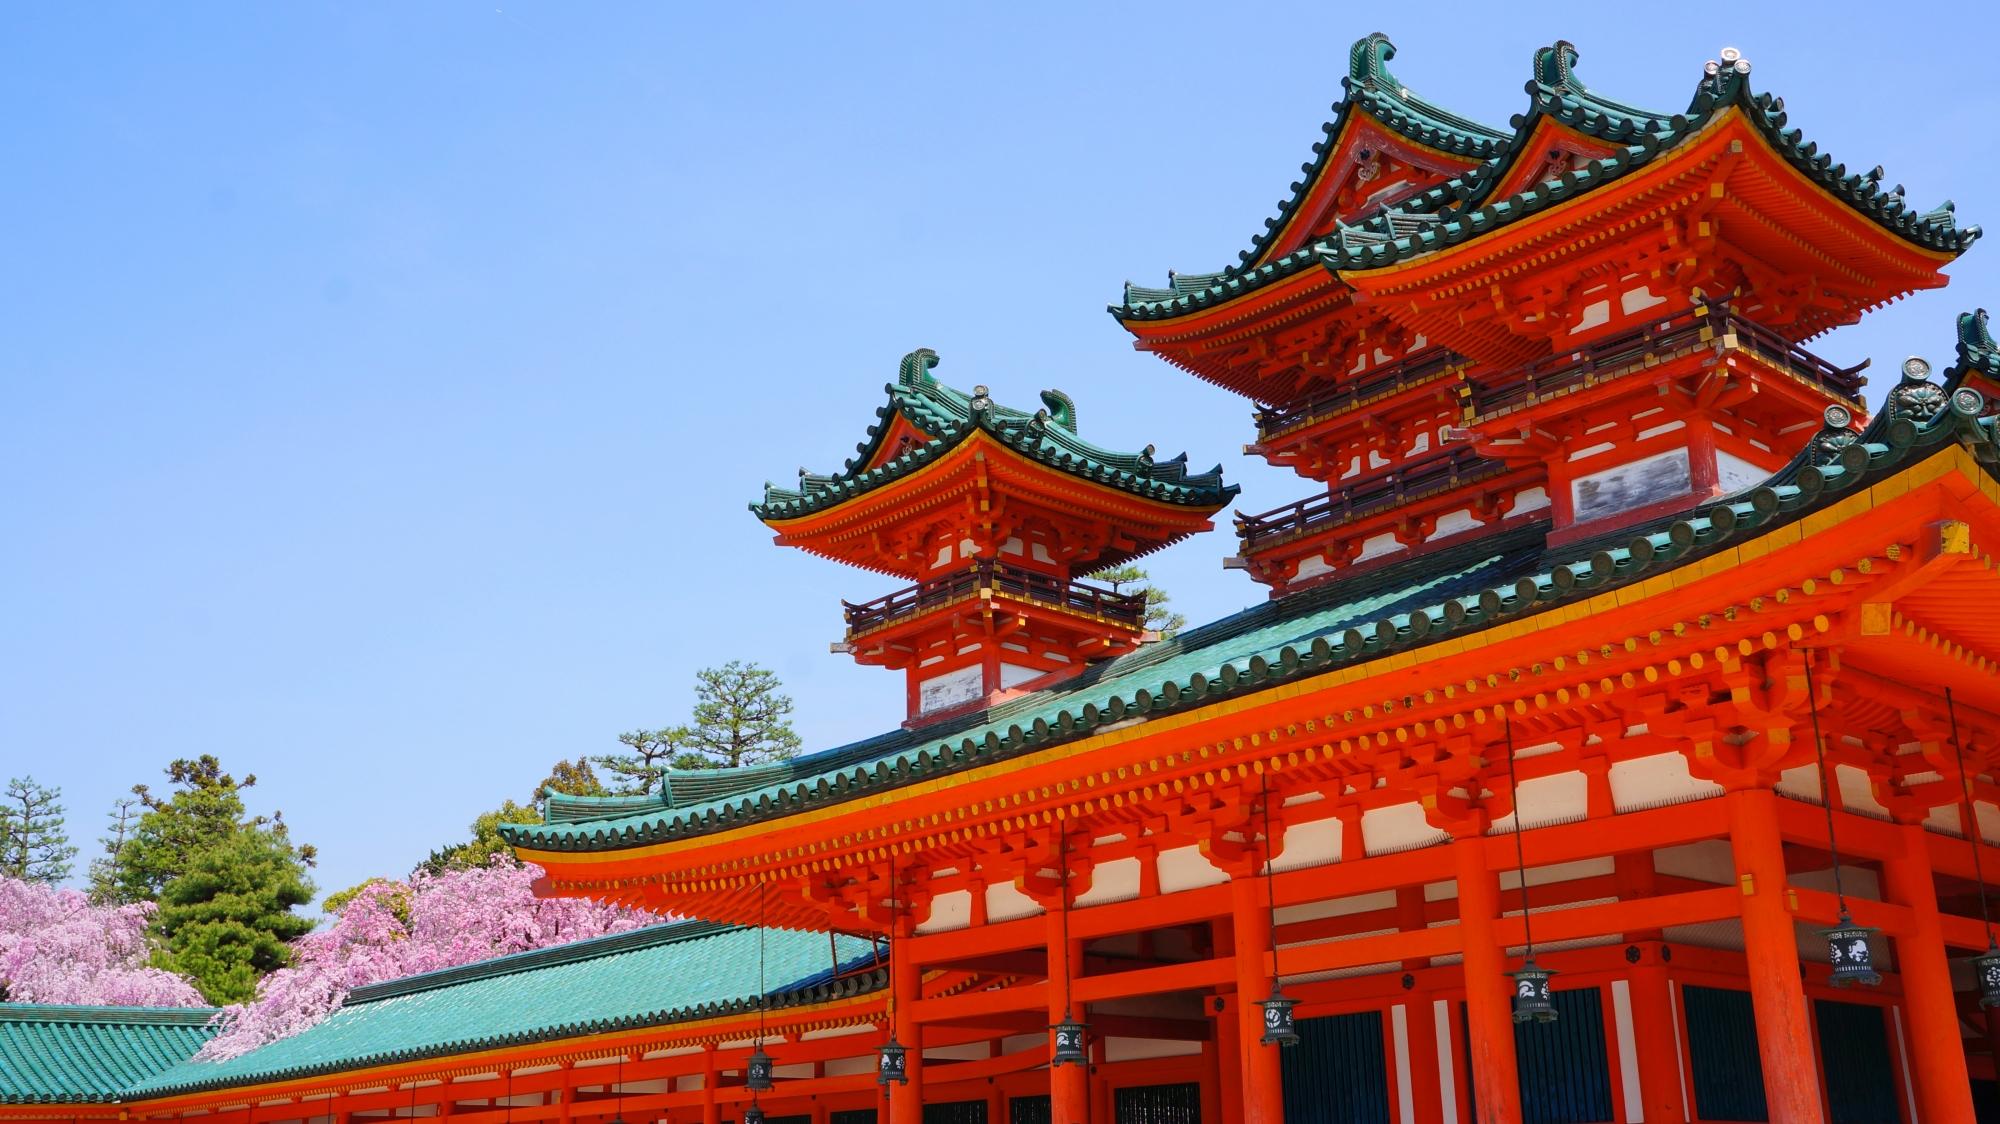 最高の青空の下の格式高い見事な桜